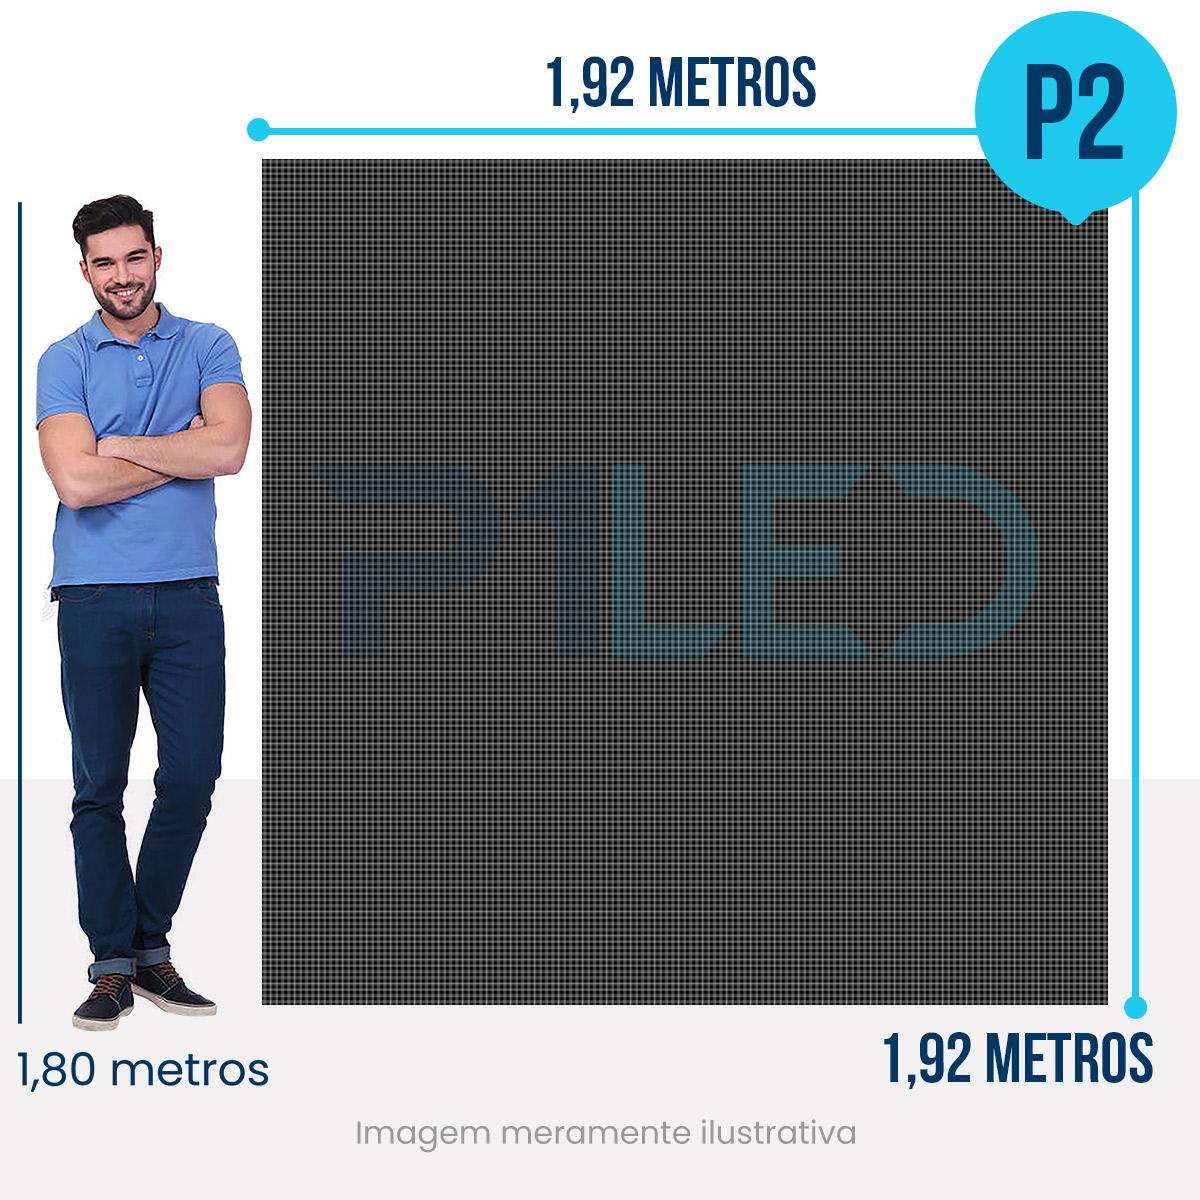 Painel de LED para Lojas e Comércios 1,92 x 1,92 - Telão P2.5 Indoor  - Painel e Telão de LED - O Melhor Preço em Painel de LED | P1LED